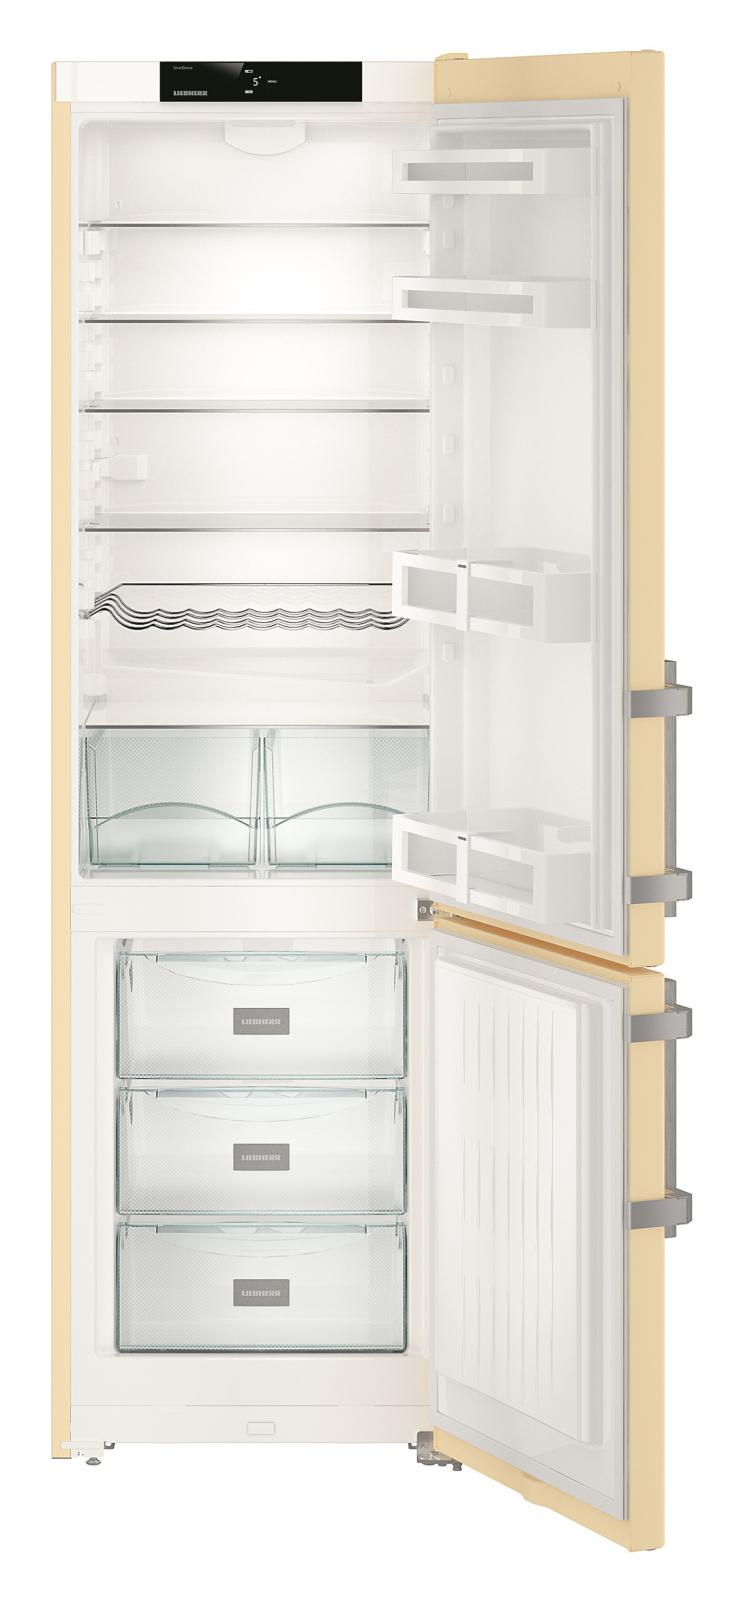 купить Двухкамерный холодильник Liebherr CUbe 4015 Украина фото 1